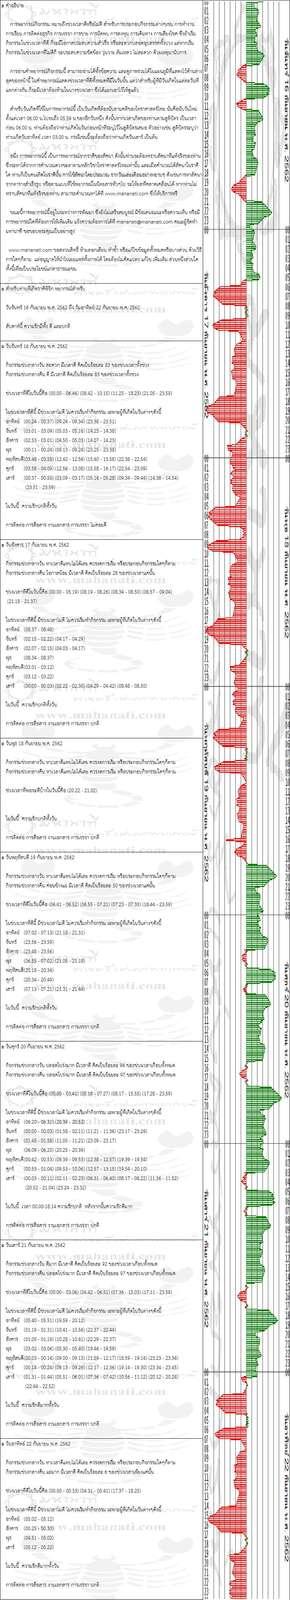 pxnnb7f1tLumI06XHDn-o.jpg